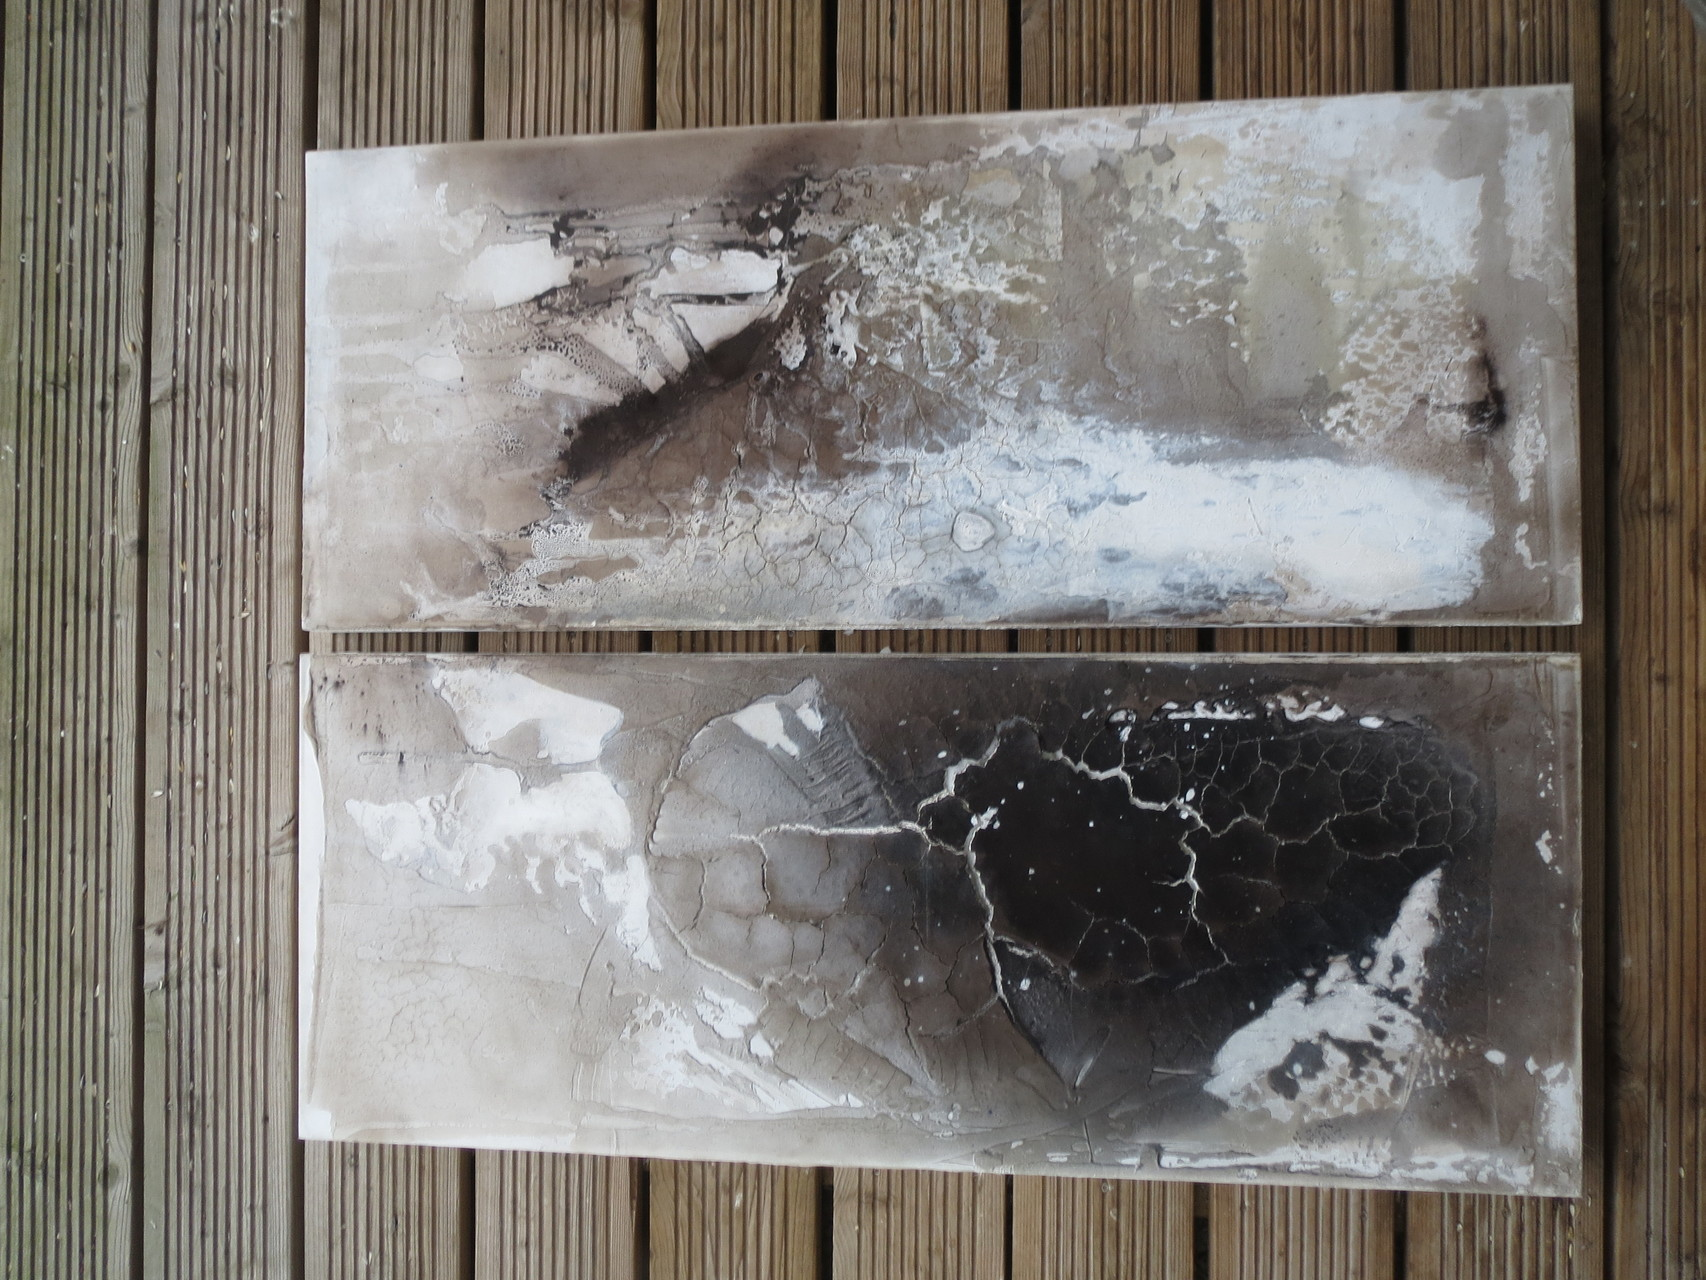 Schwarzes Tief, 2 x 40cm x 1m, Mixed Media auf Leinwand